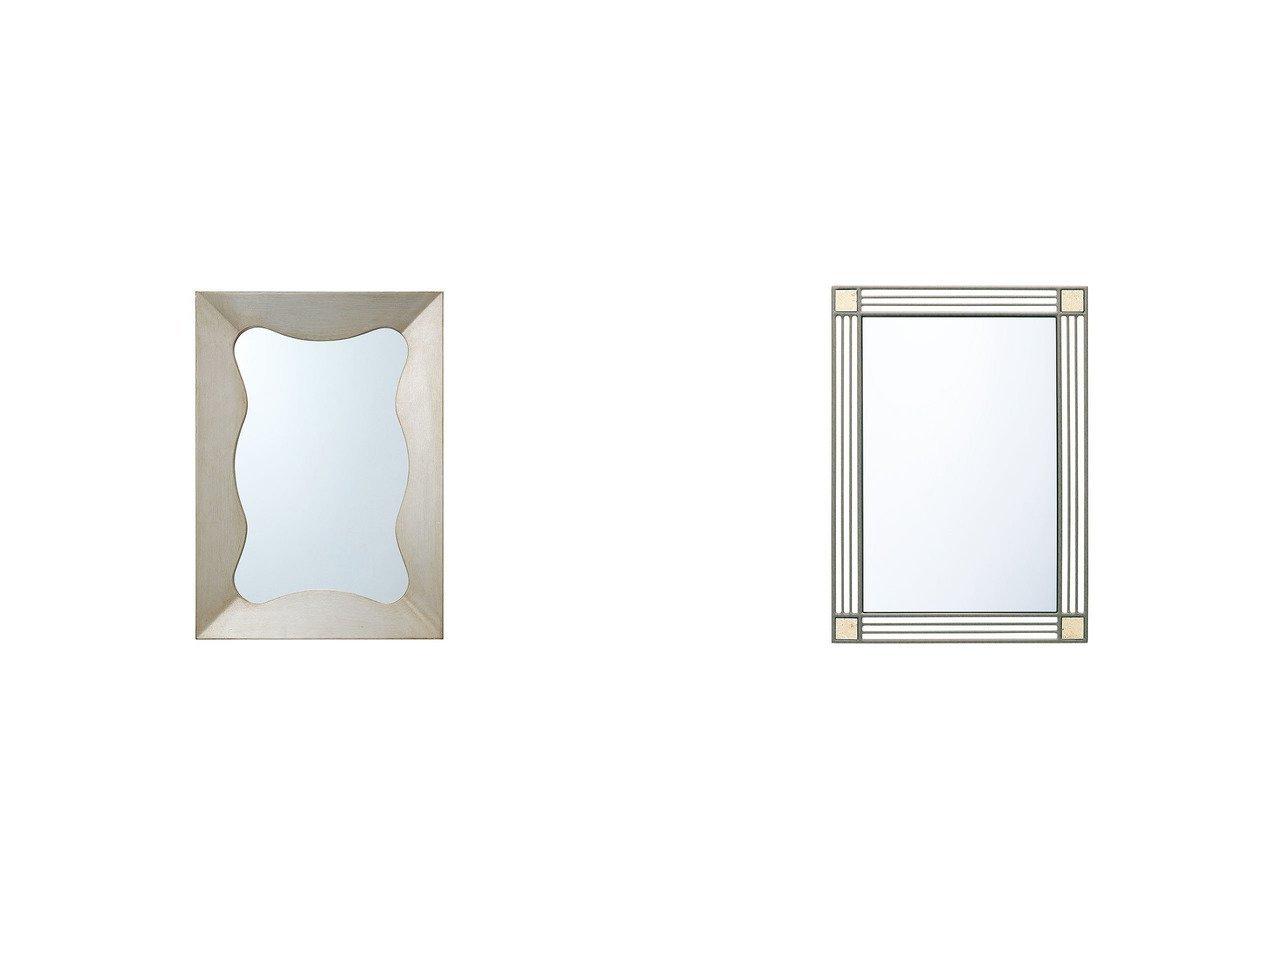 【FLYMEe Blanc/フライミー ブラン】のウォールミラー m77303&ウォールミラー m77240 【FURNITURE】おすすめ!人気、インテリア雑貨・家具の通販 おすすめで人気の流行・トレンド、ファッションの通販商品 インテリア・家具・メンズファッション・キッズファッション・レディースファッション・服の通販 founy(ファニー) https://founy.com/ 送料無料 Free Shipping フレーム ホーム・キャンプ・アウトドア Home,Garden,Outdoor,Camping Gear 家具・インテリア Furniture ミラー・ドレッサー Mirror ミラー・鏡 ホーム・キャンプ・アウトドア Home,Garden,Outdoor,Camping Gear 家具・インテリア Furniture ミラー・ドレッサー Mirror ドレッサー  ID:crp329100000055483